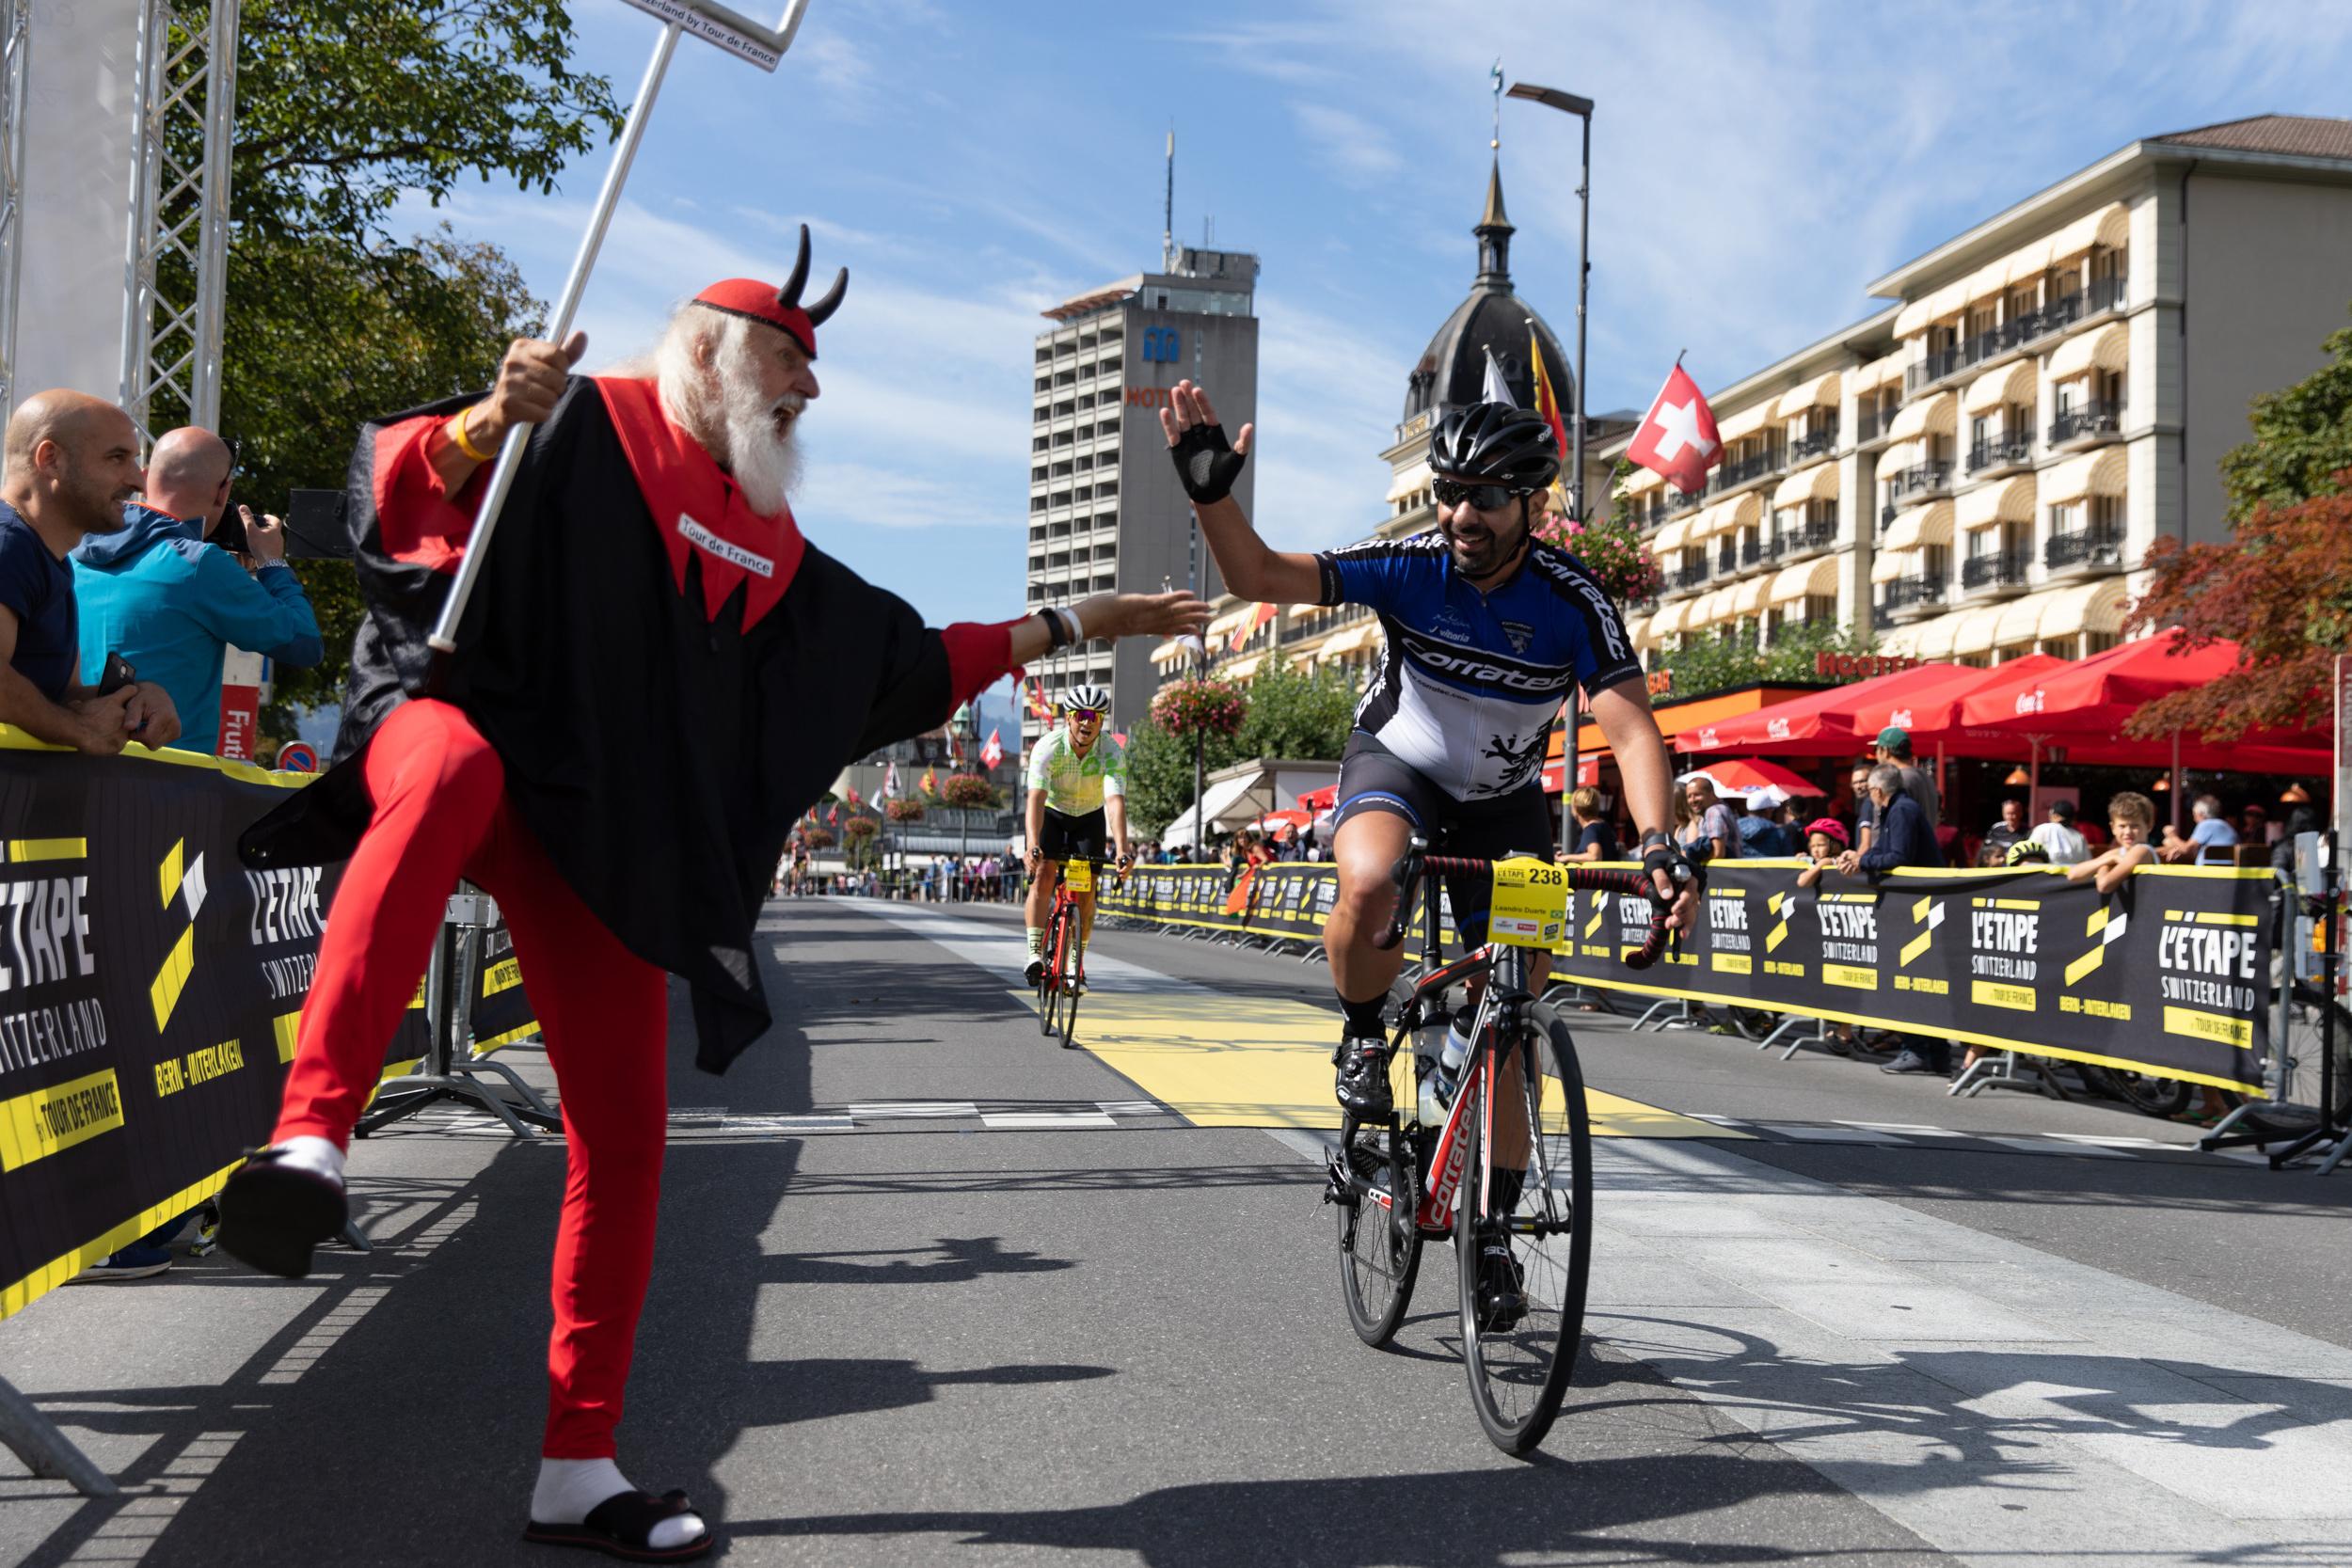 Tour-Teufel Didie Senft klatscht mit Rennfahrer ab